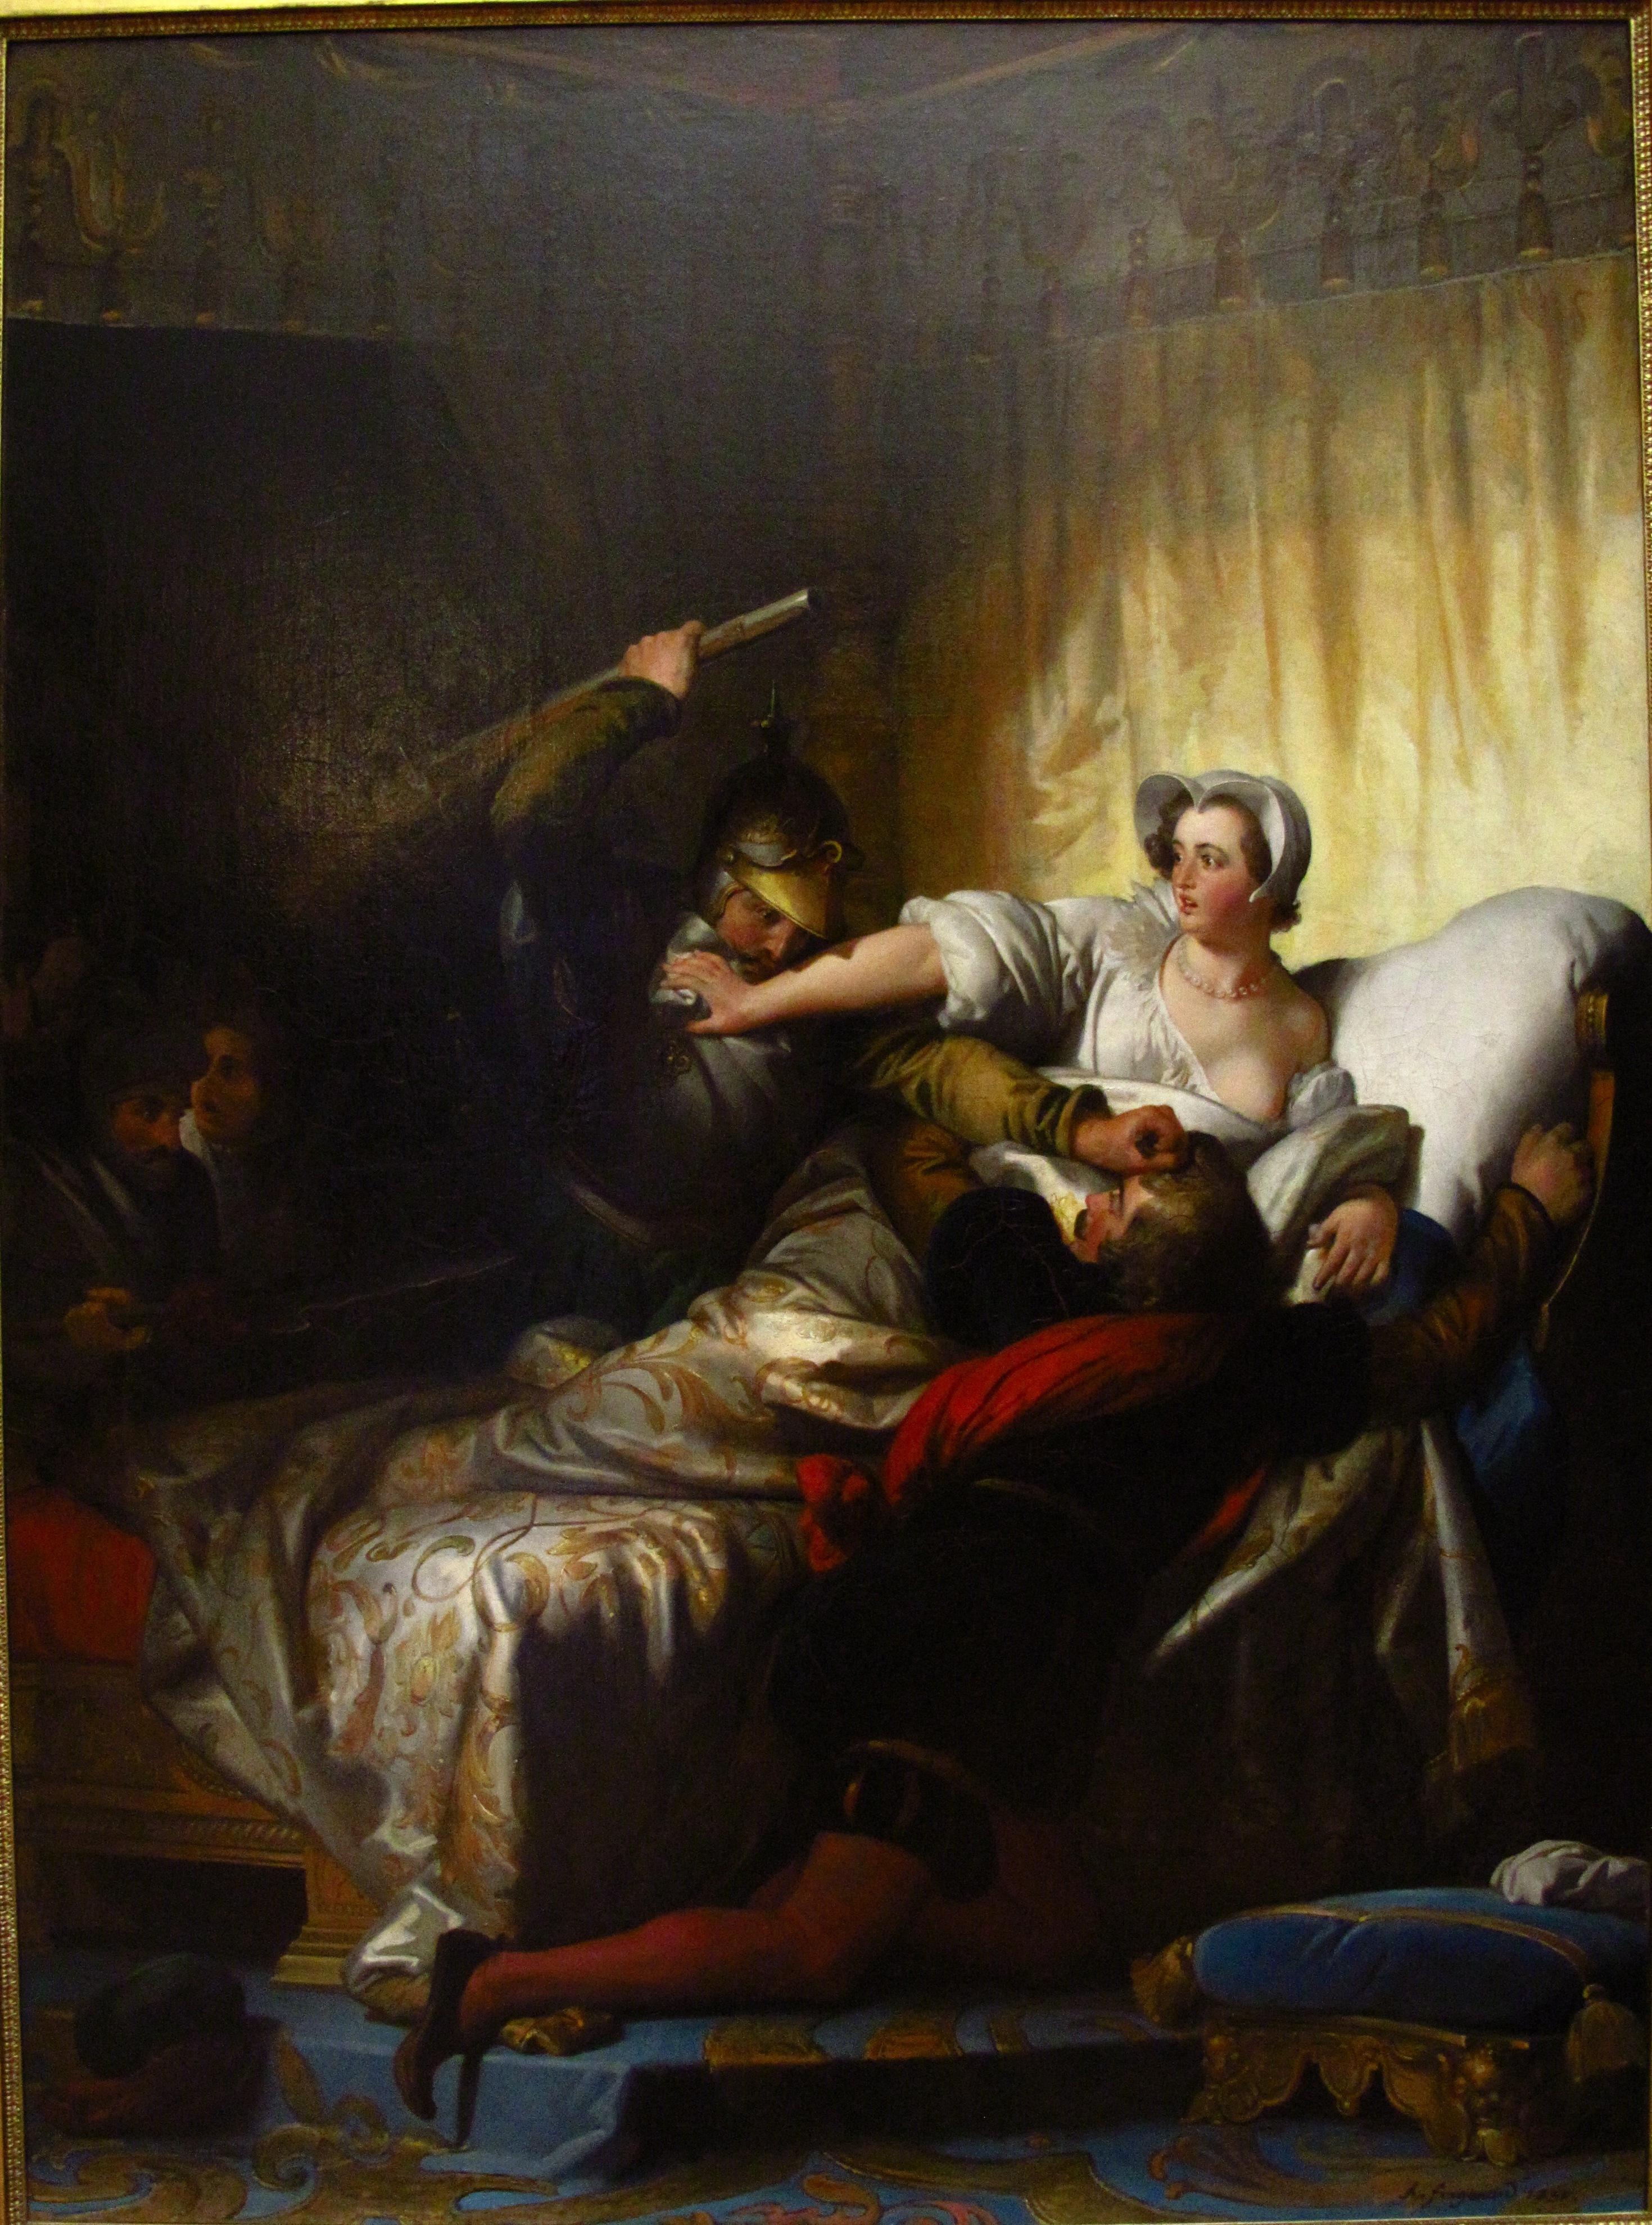 MARGUERITE DE VALOIS Scène dans la chambre durant la Saint Barthélémy par Alexandre-Évariste_Fragonard.jpg